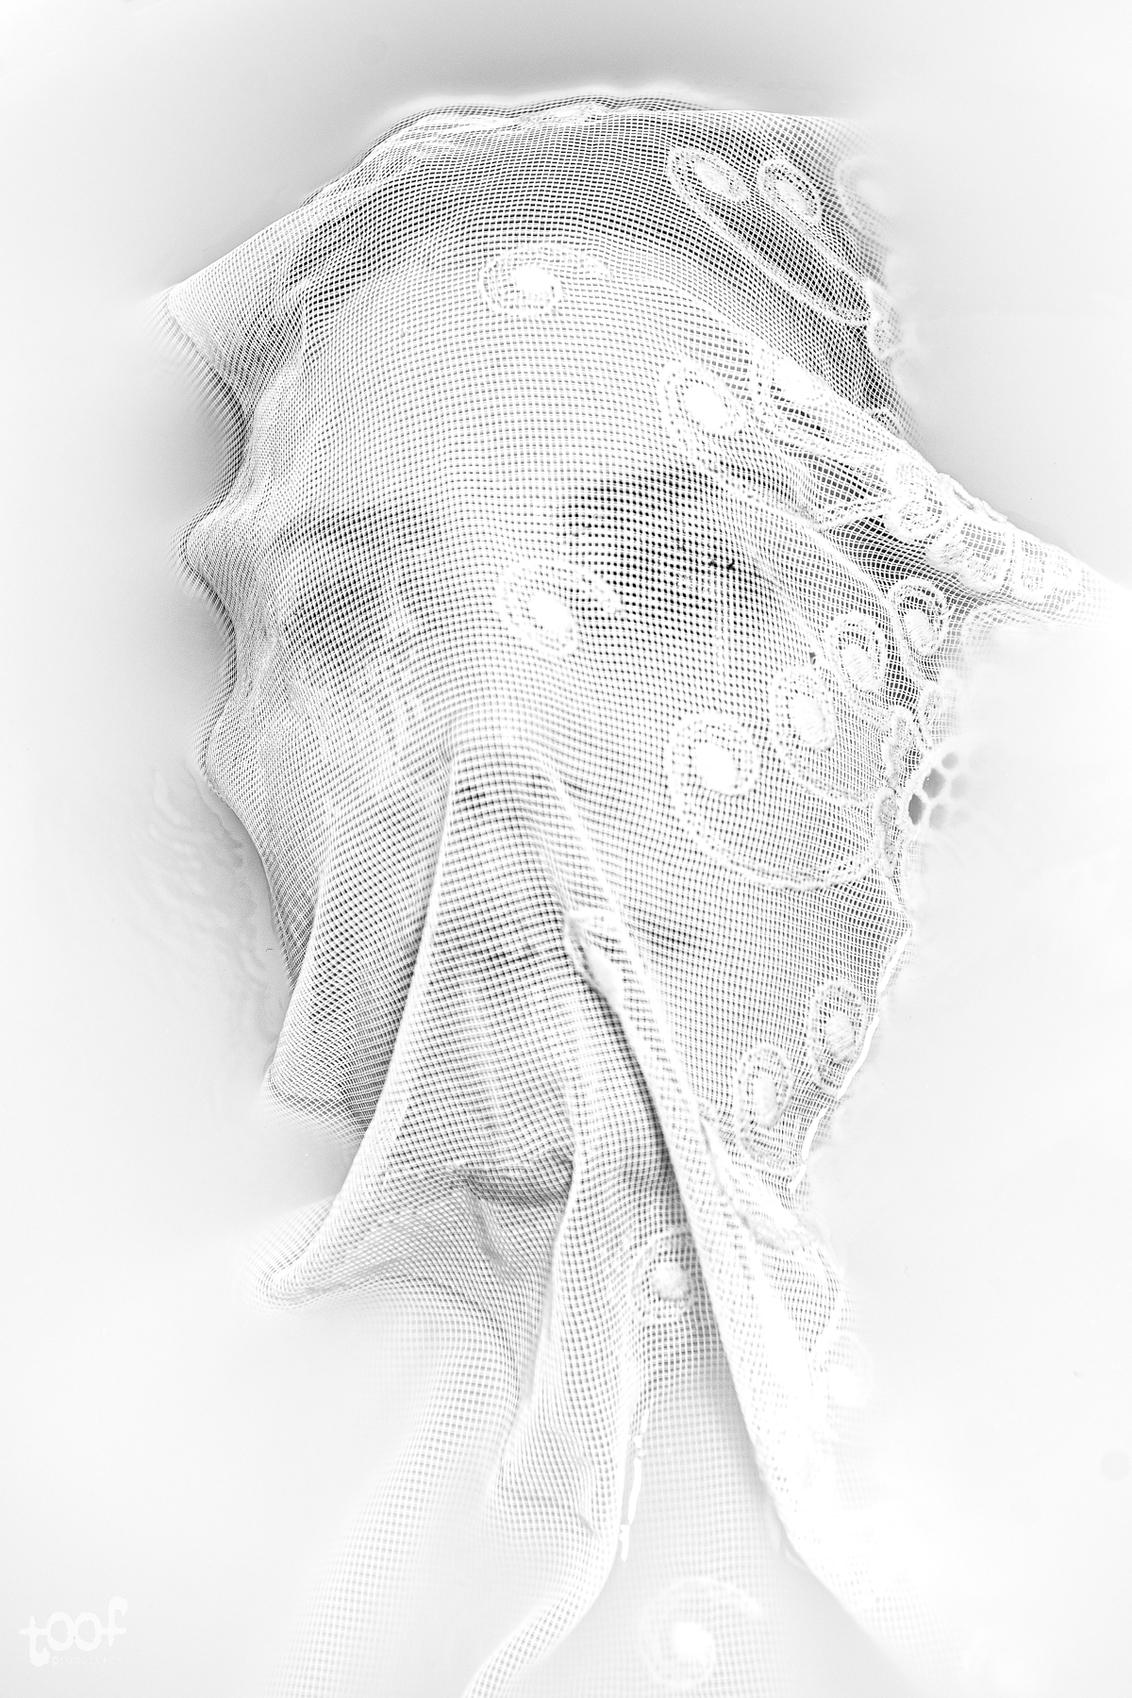 The white covering... - - - foto door toof op 04-04-2020 - deze foto bevat: vrouw, water, licht, portret, flits, ogen, bad, nikon, beauty, zwartwit, emotie, doek, melk, flitser, vitrage, gordijnstof, d750, melkbad